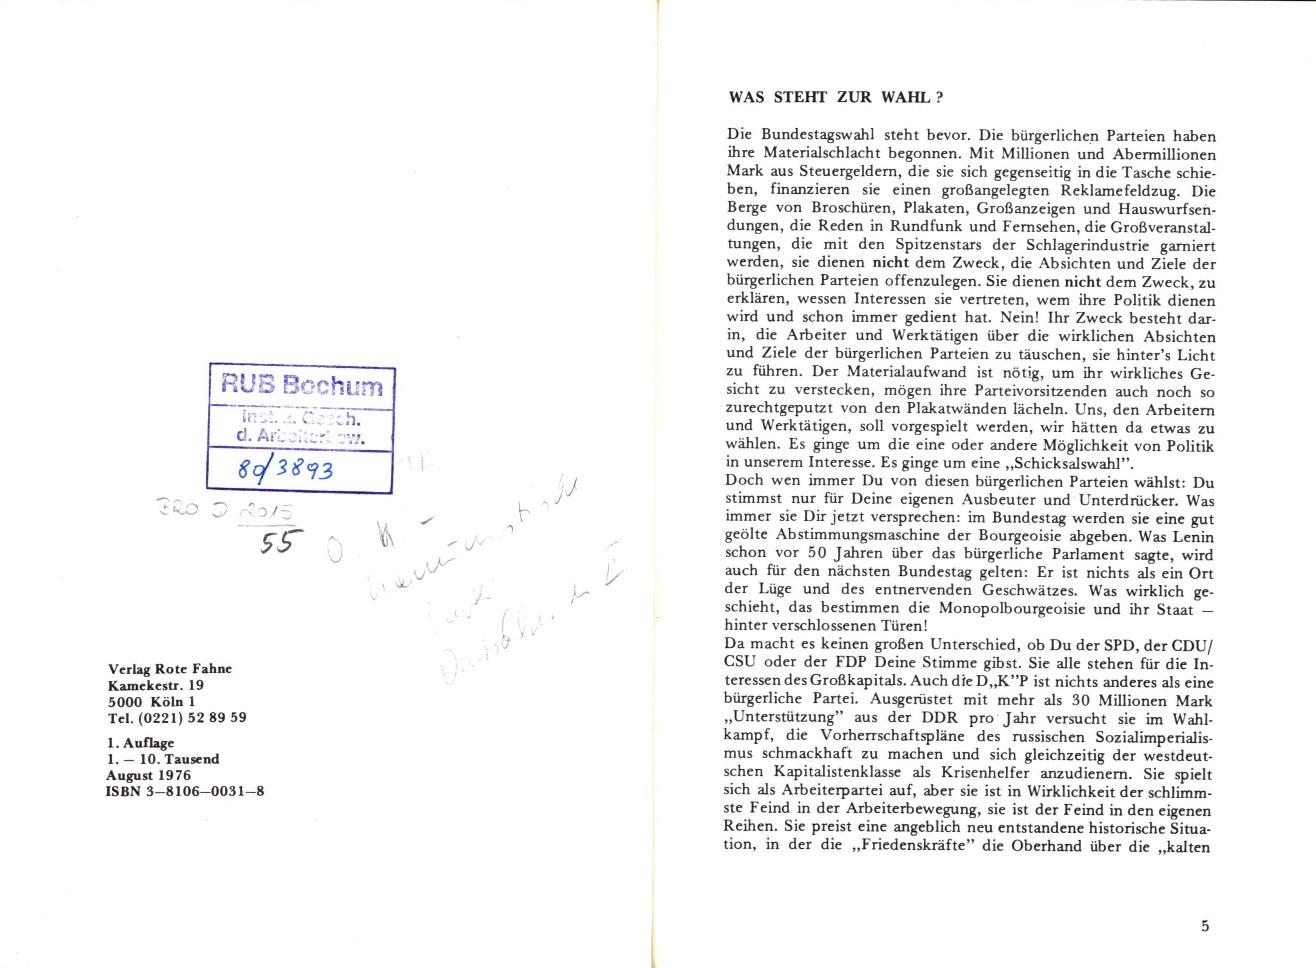 KPDAO_1976_Agitationsbroschuere_zur_BTW_04